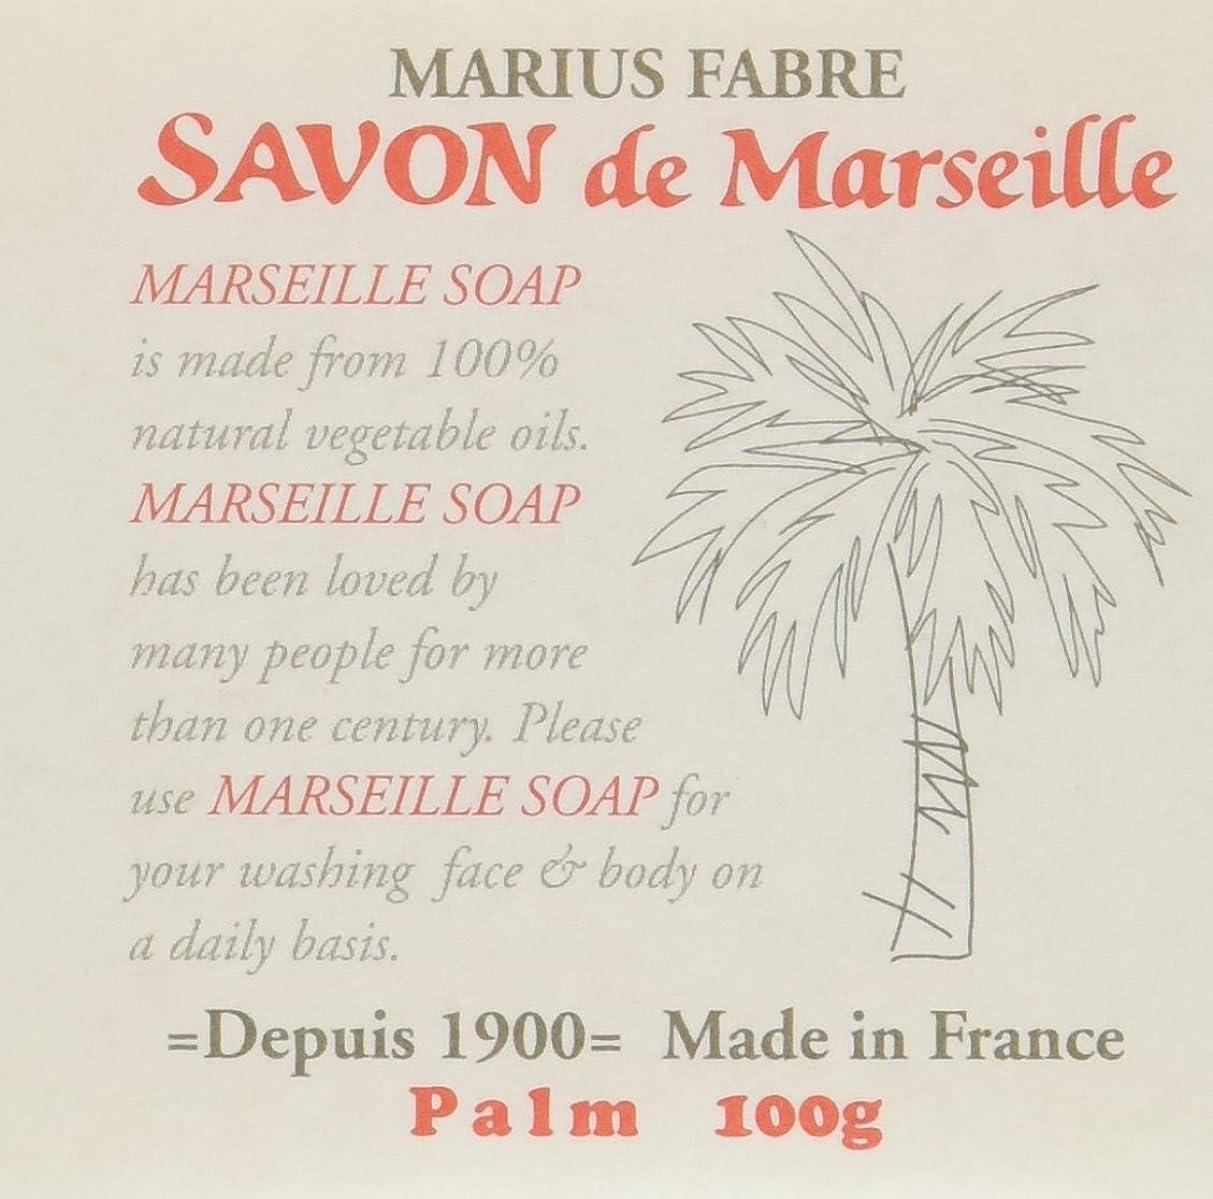 砲撃難しいバラバラにするサボン ド マルセイユ パーム 100g